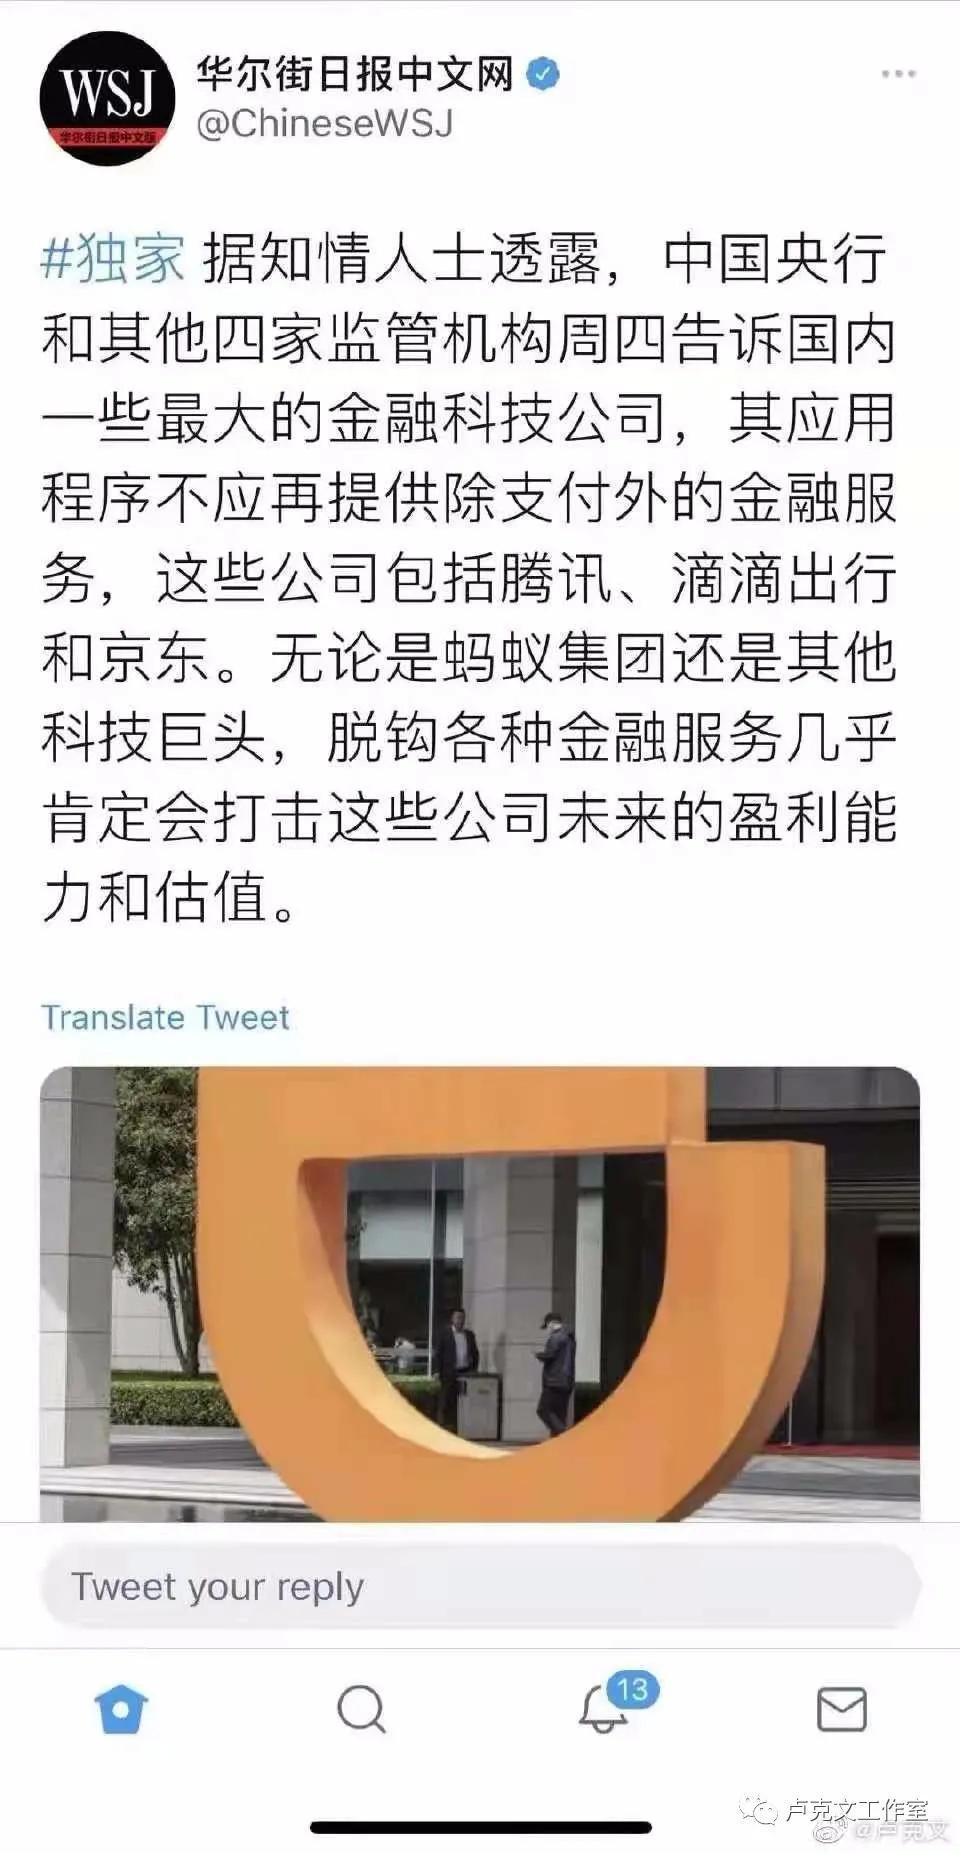 【卢克文工作室】互联网收租人